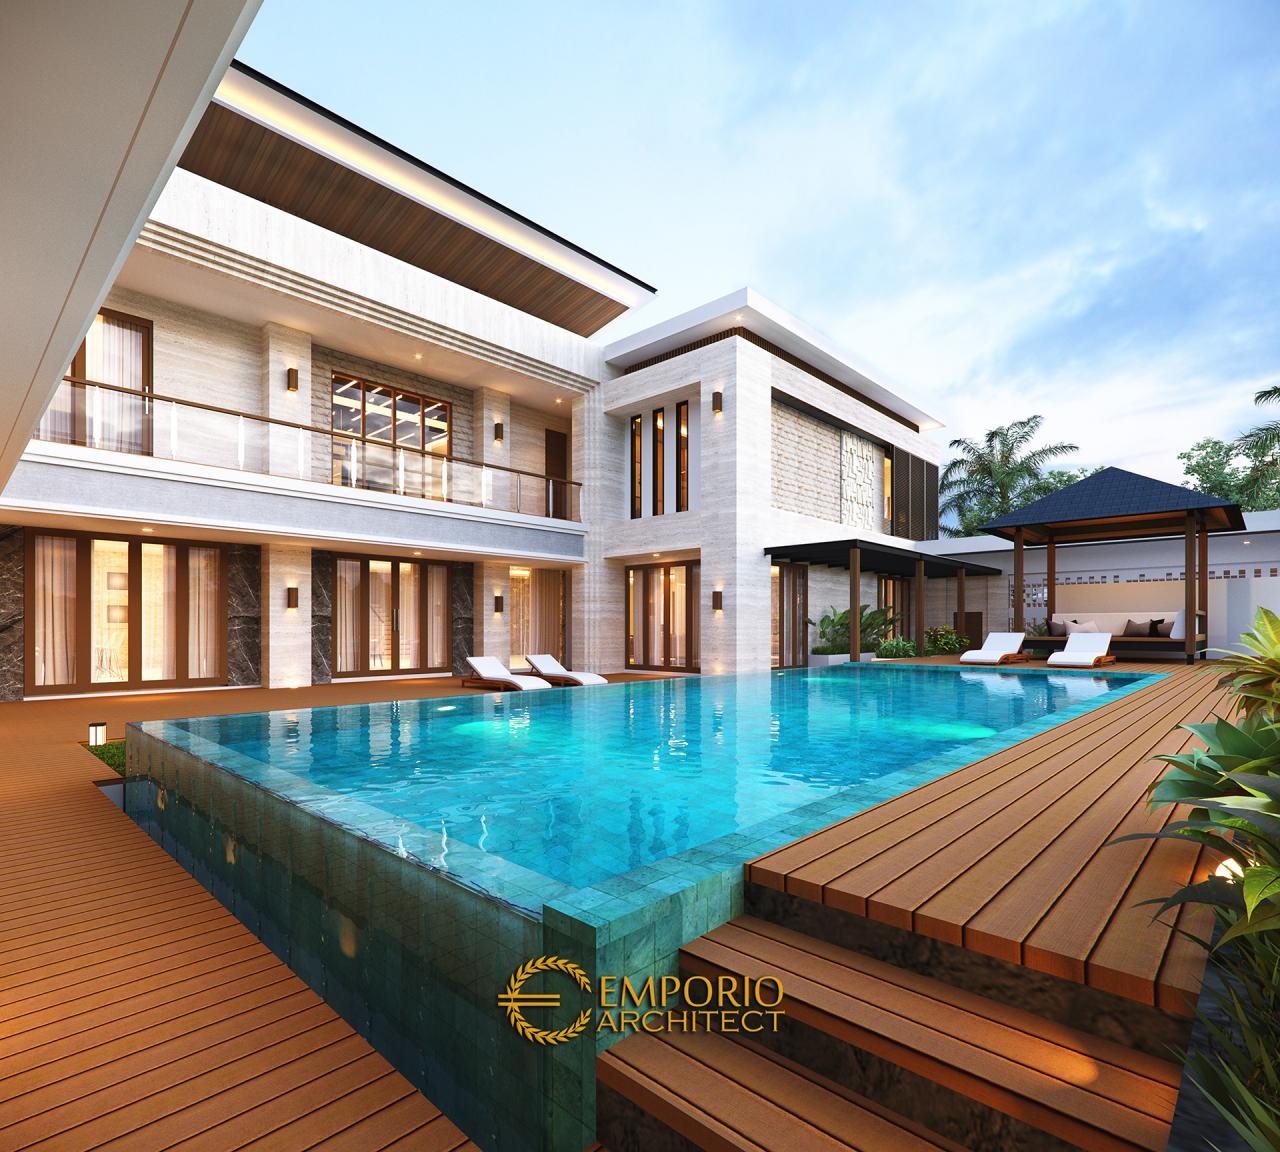 Desain Rumah Modern 2 Lantai Bapak Hendry II di Banjarmasin, Kalimantan Selatan